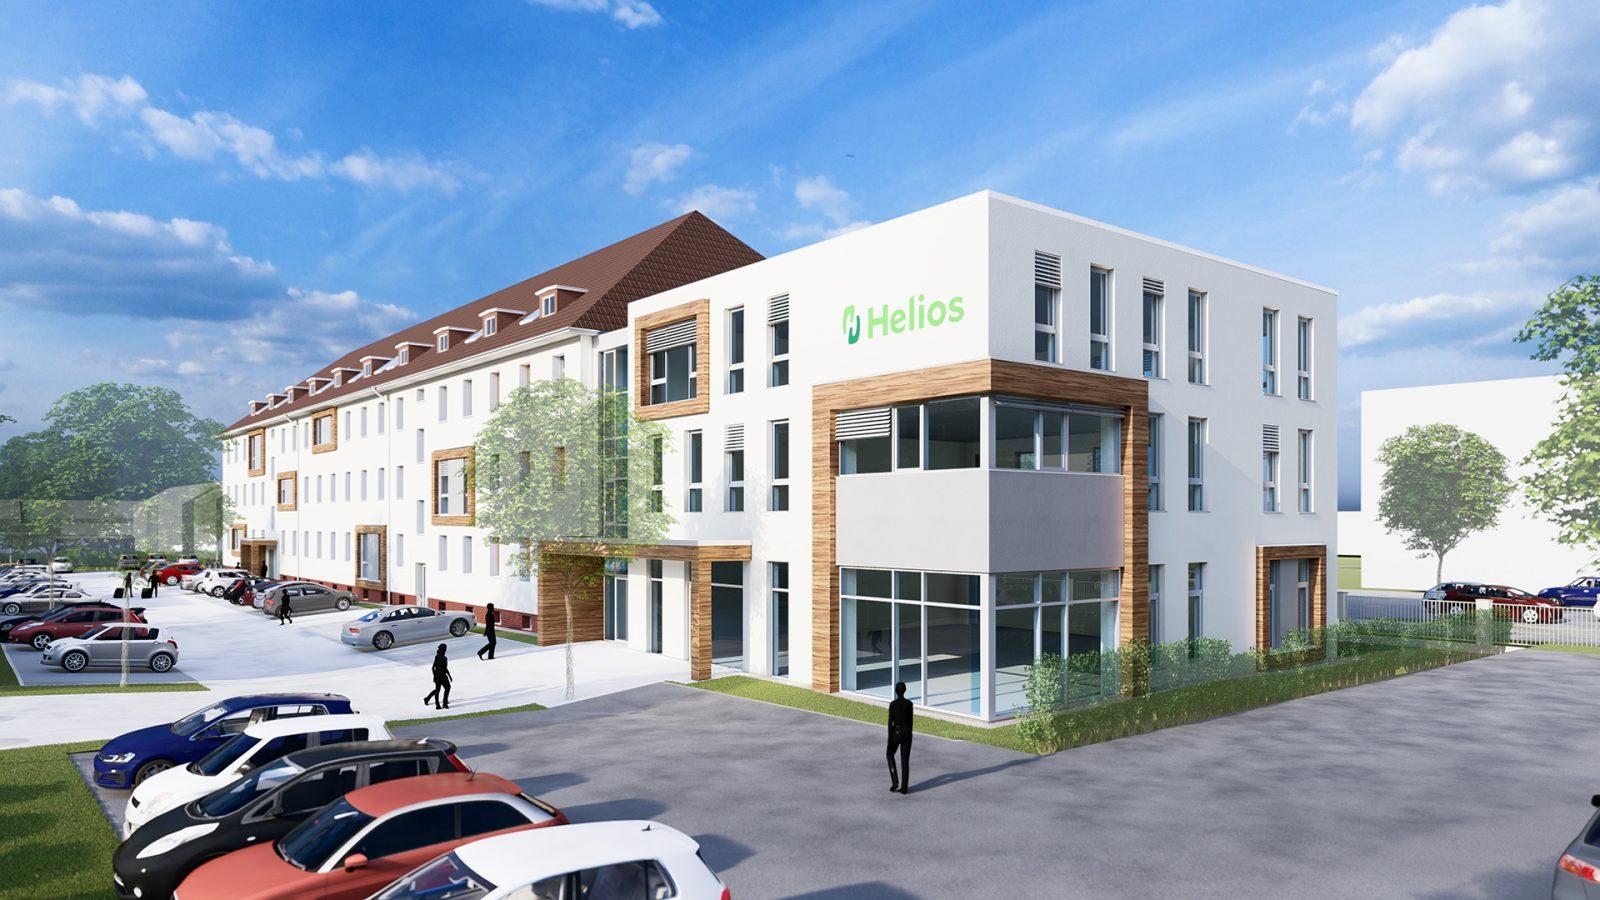 BWV Umbau eines Bestandsgebäudes im neuen Ostend-Quartier | JUNG - Architekturbüro, Innenarchitekturbüro Hildesheim